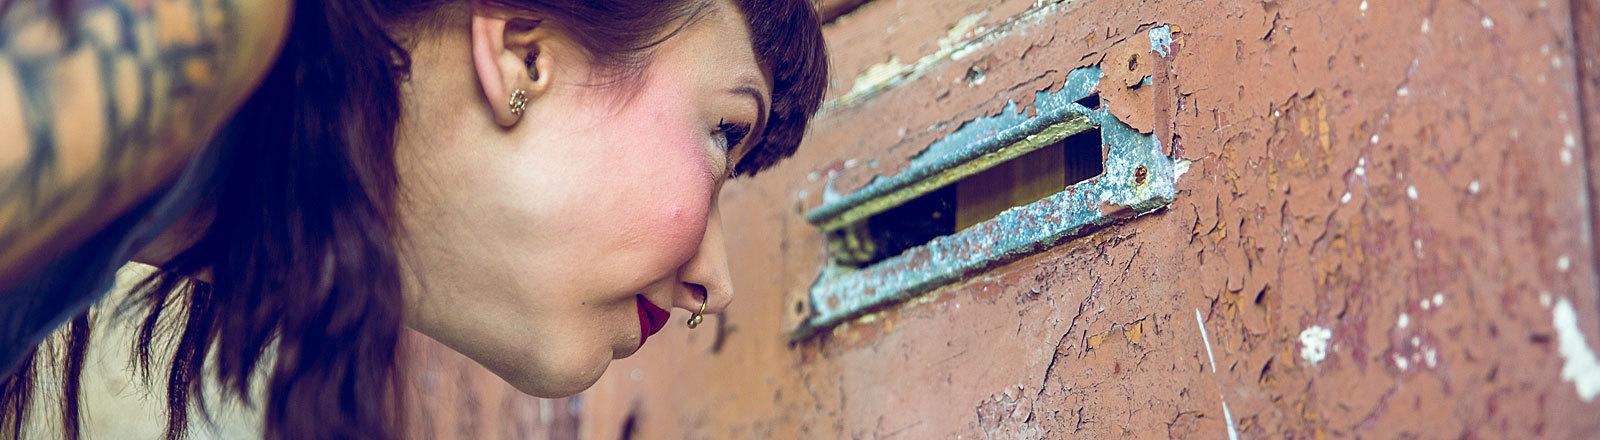 Frau schaut durch offenen Briefkastenschlitz